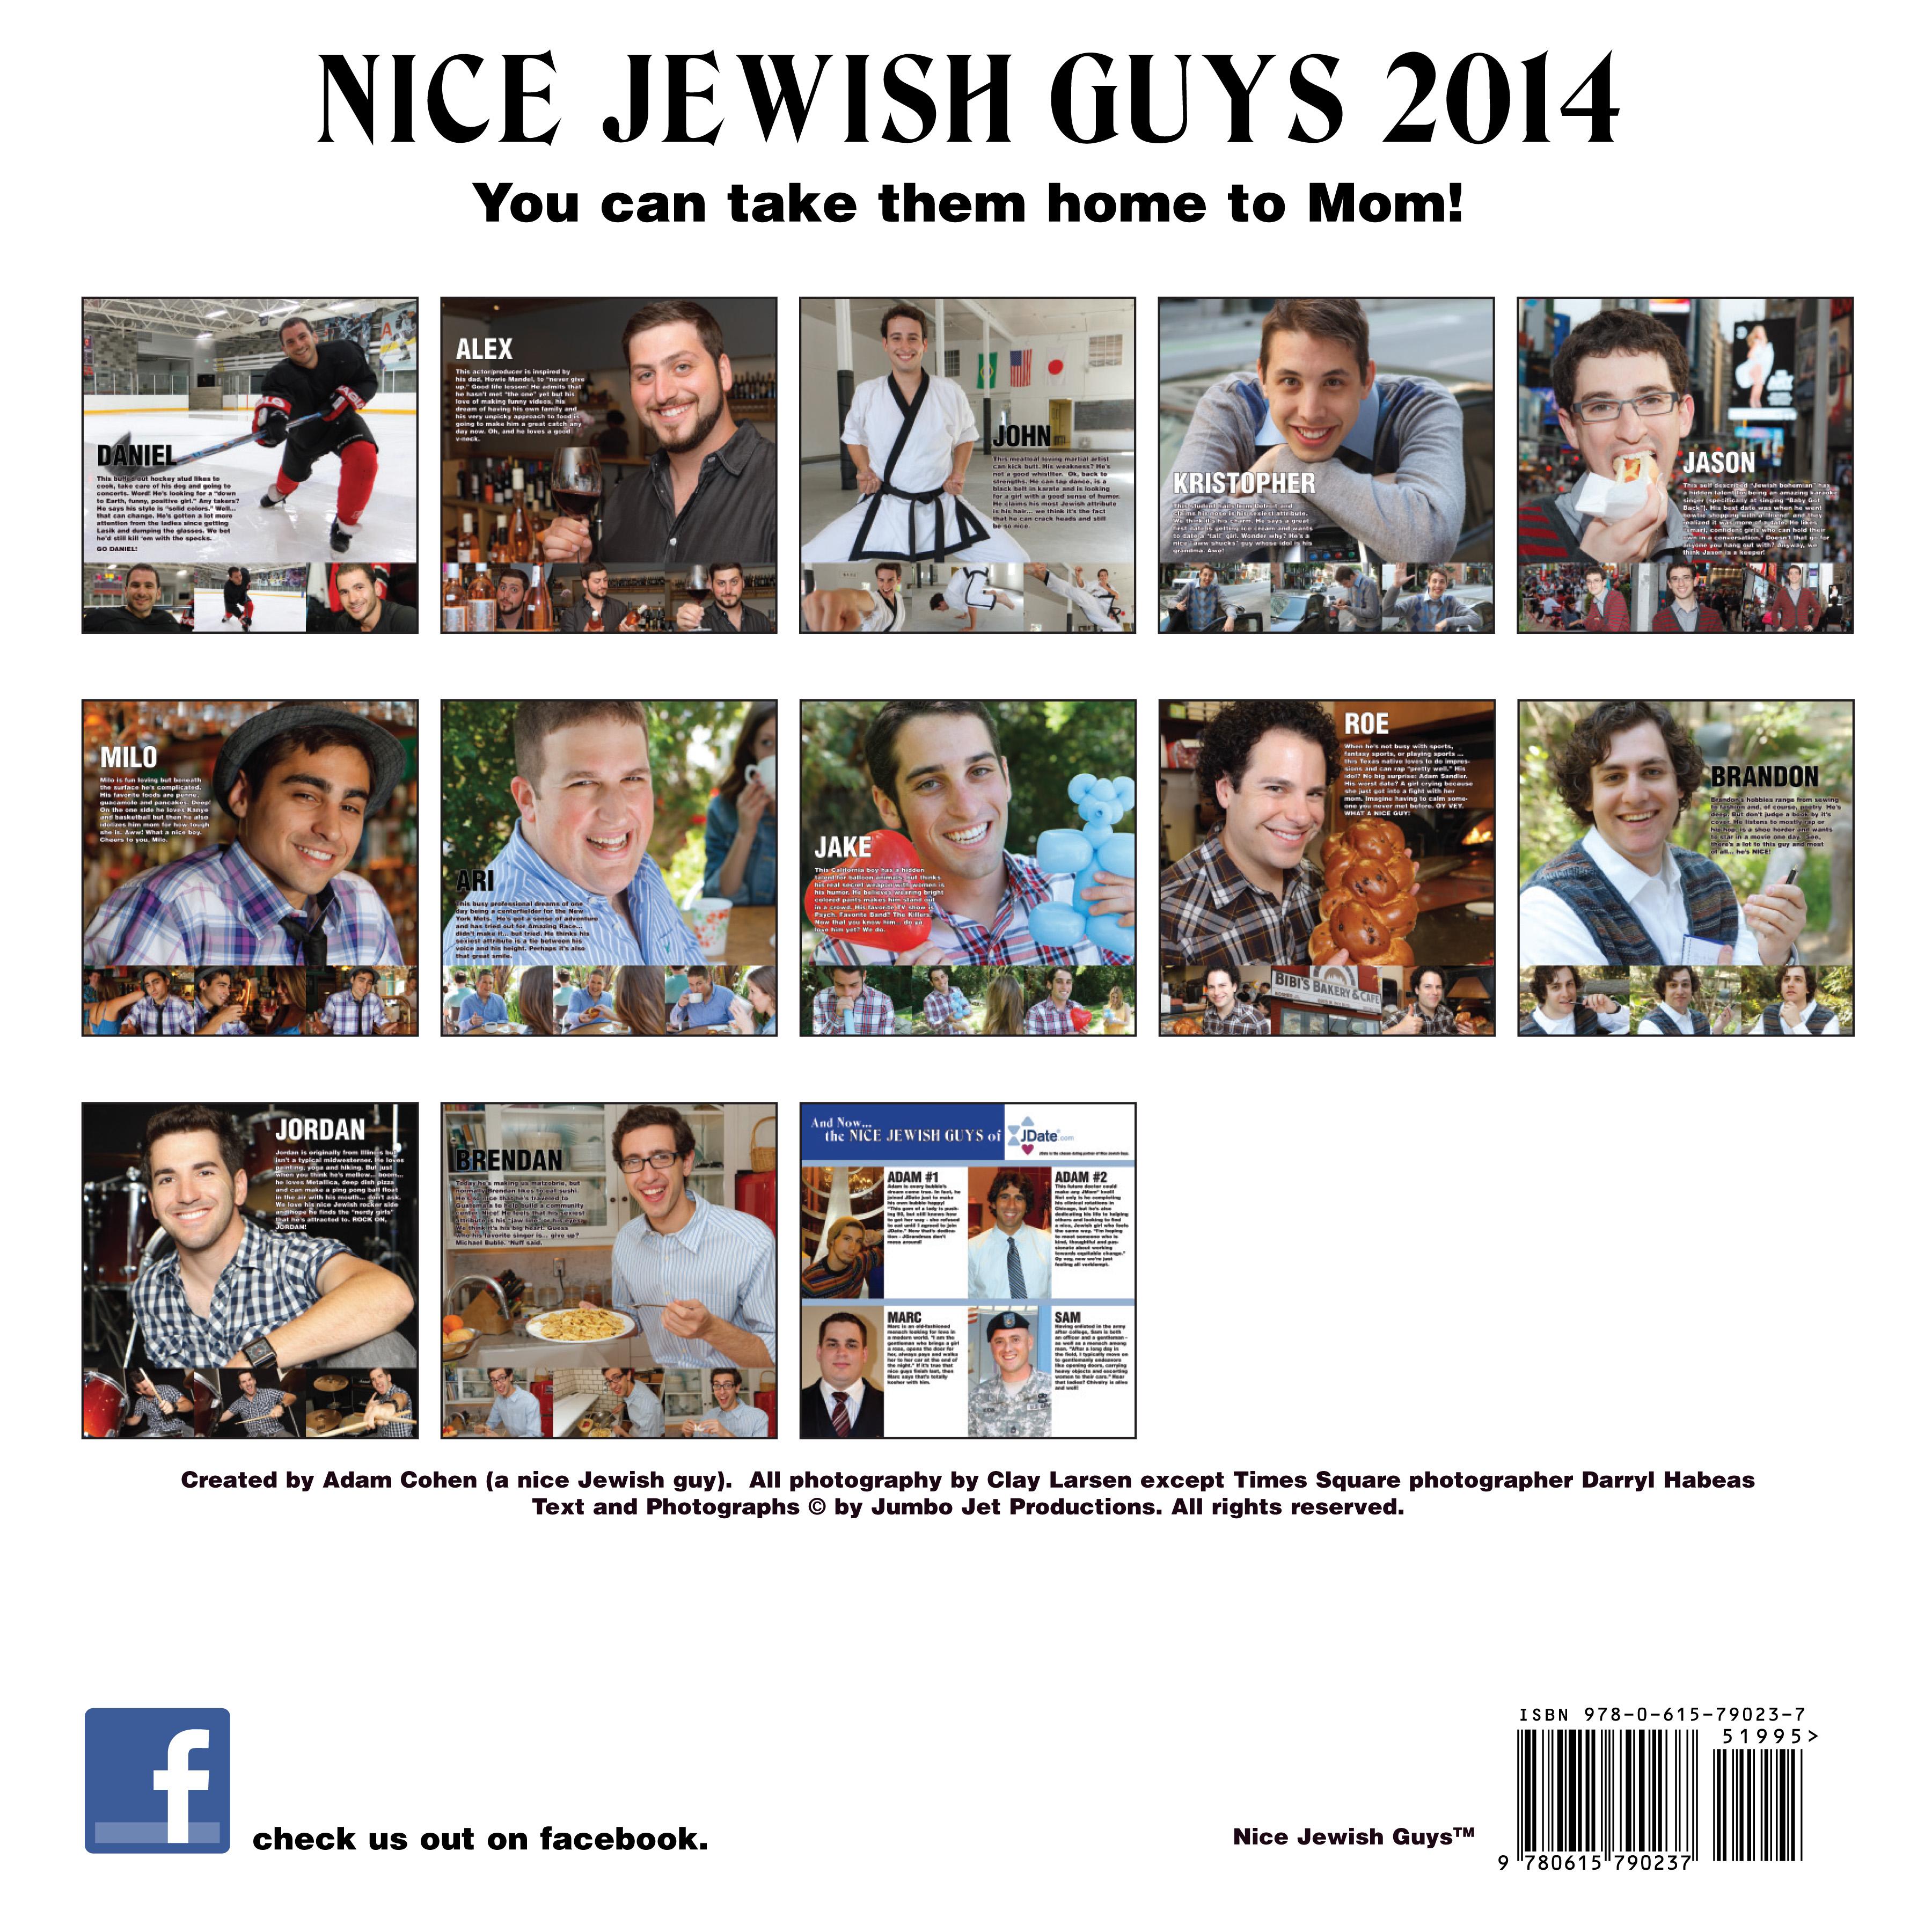 njg-2014-calendar-09.indd